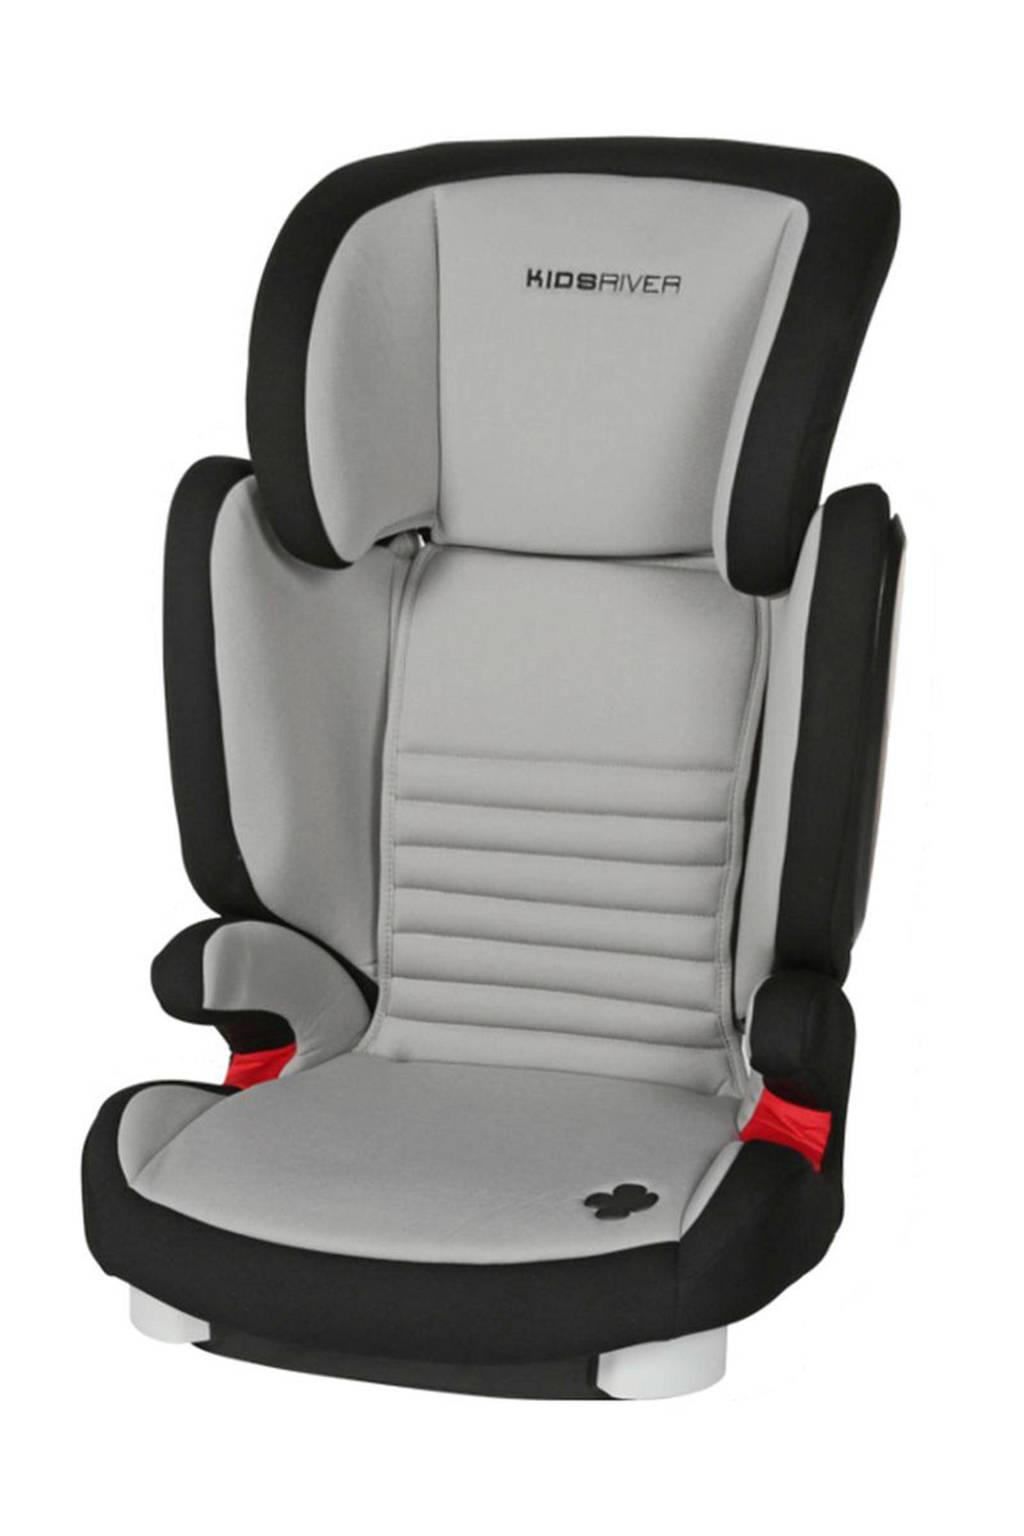 Kidsriver Alant autostoel - Grijs